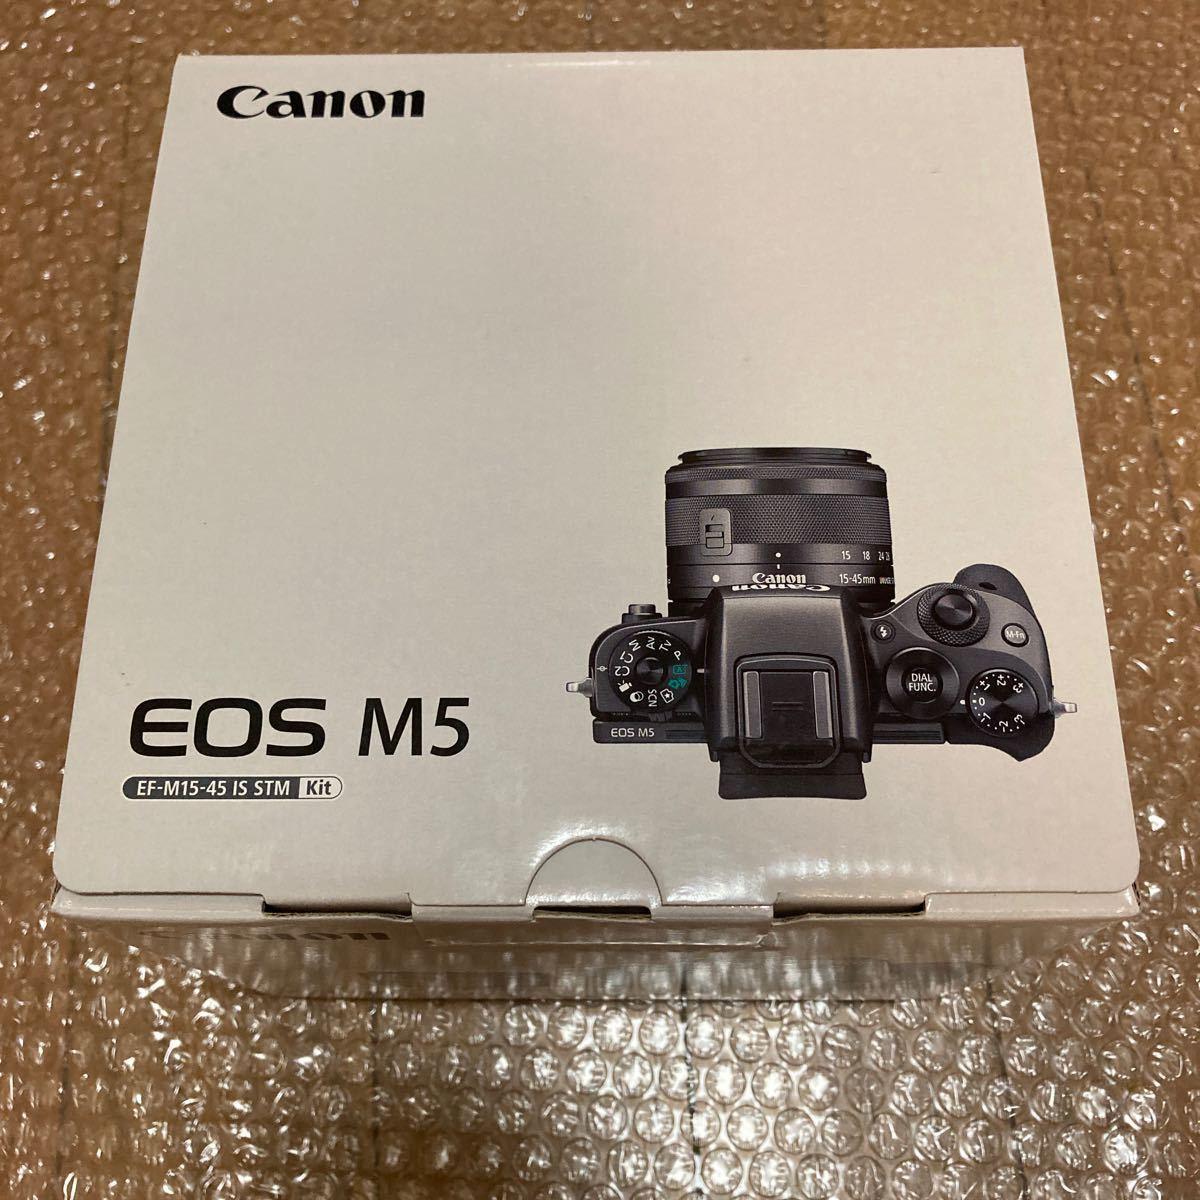 新品 未使用 Canon ミラーレス一眼カメラ EOS M5 EF-M15-45 IS STM レンズキット 保証あ